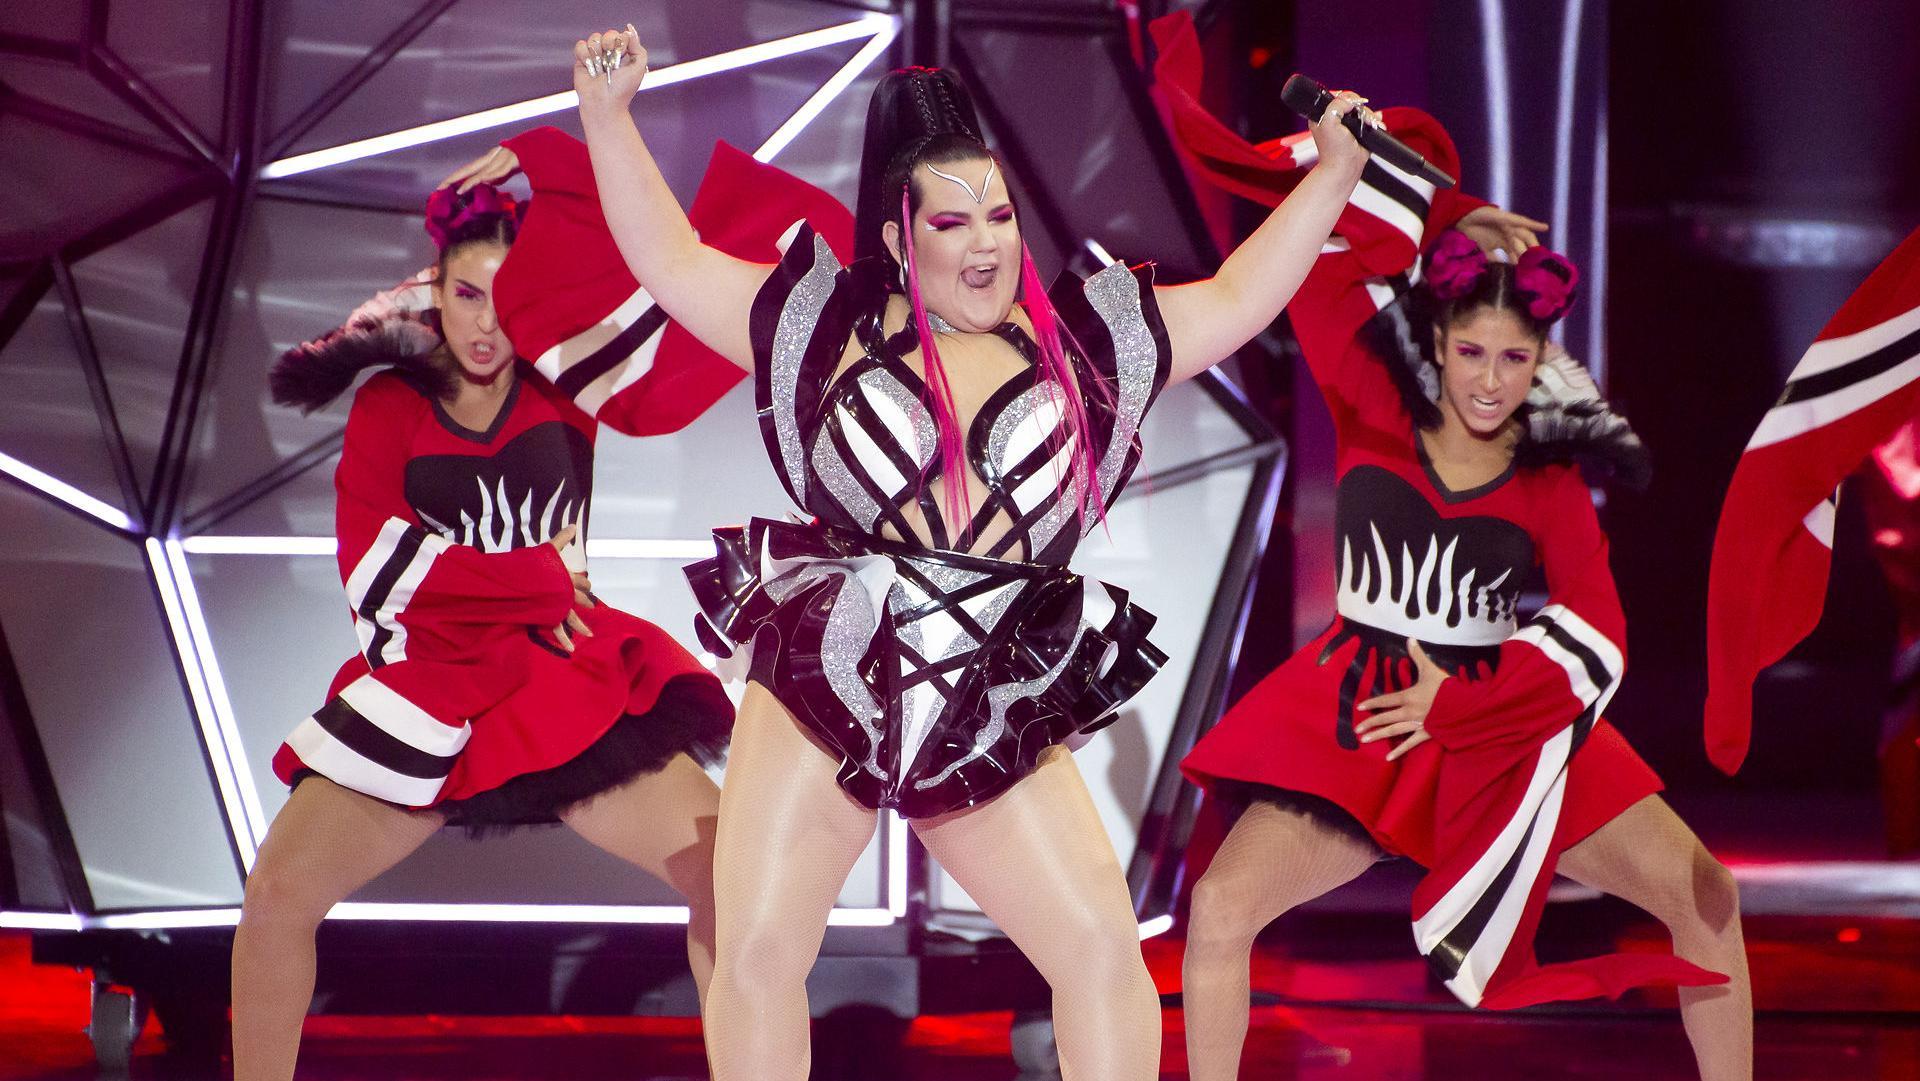 Netta Eurovision 2019